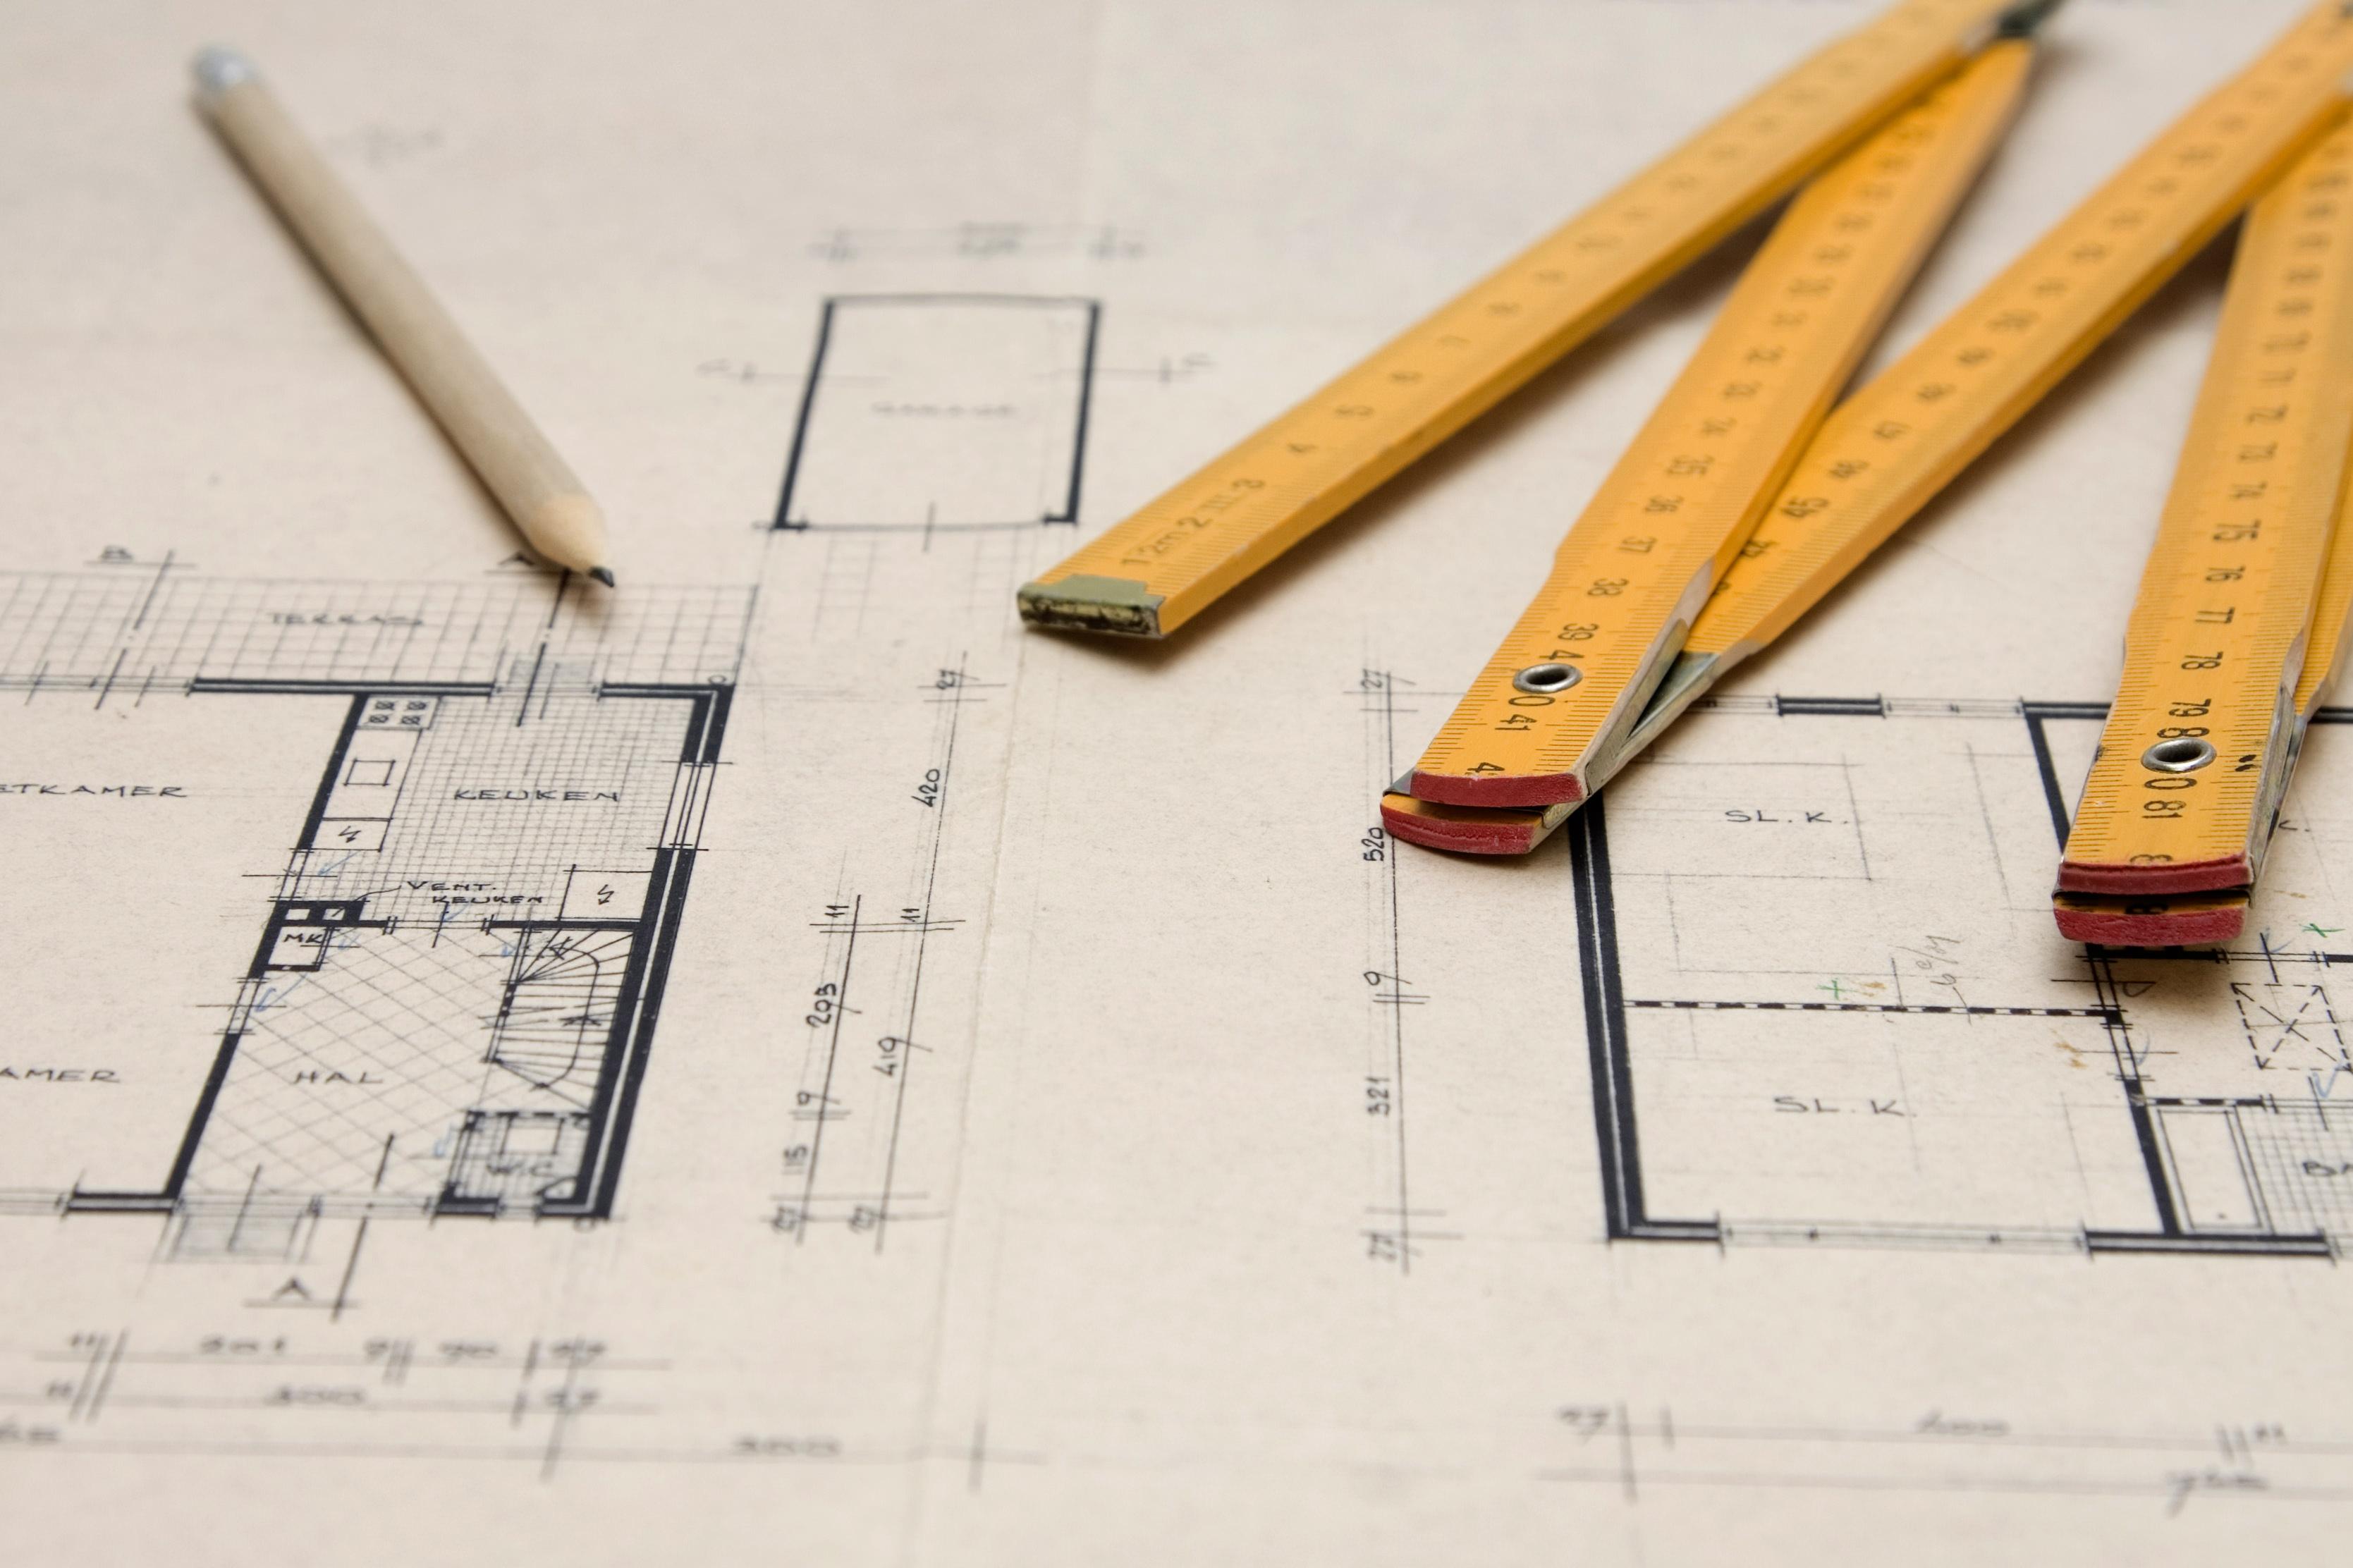 Projet de construction quelles sont les cl s pour r ussir for Projet construction